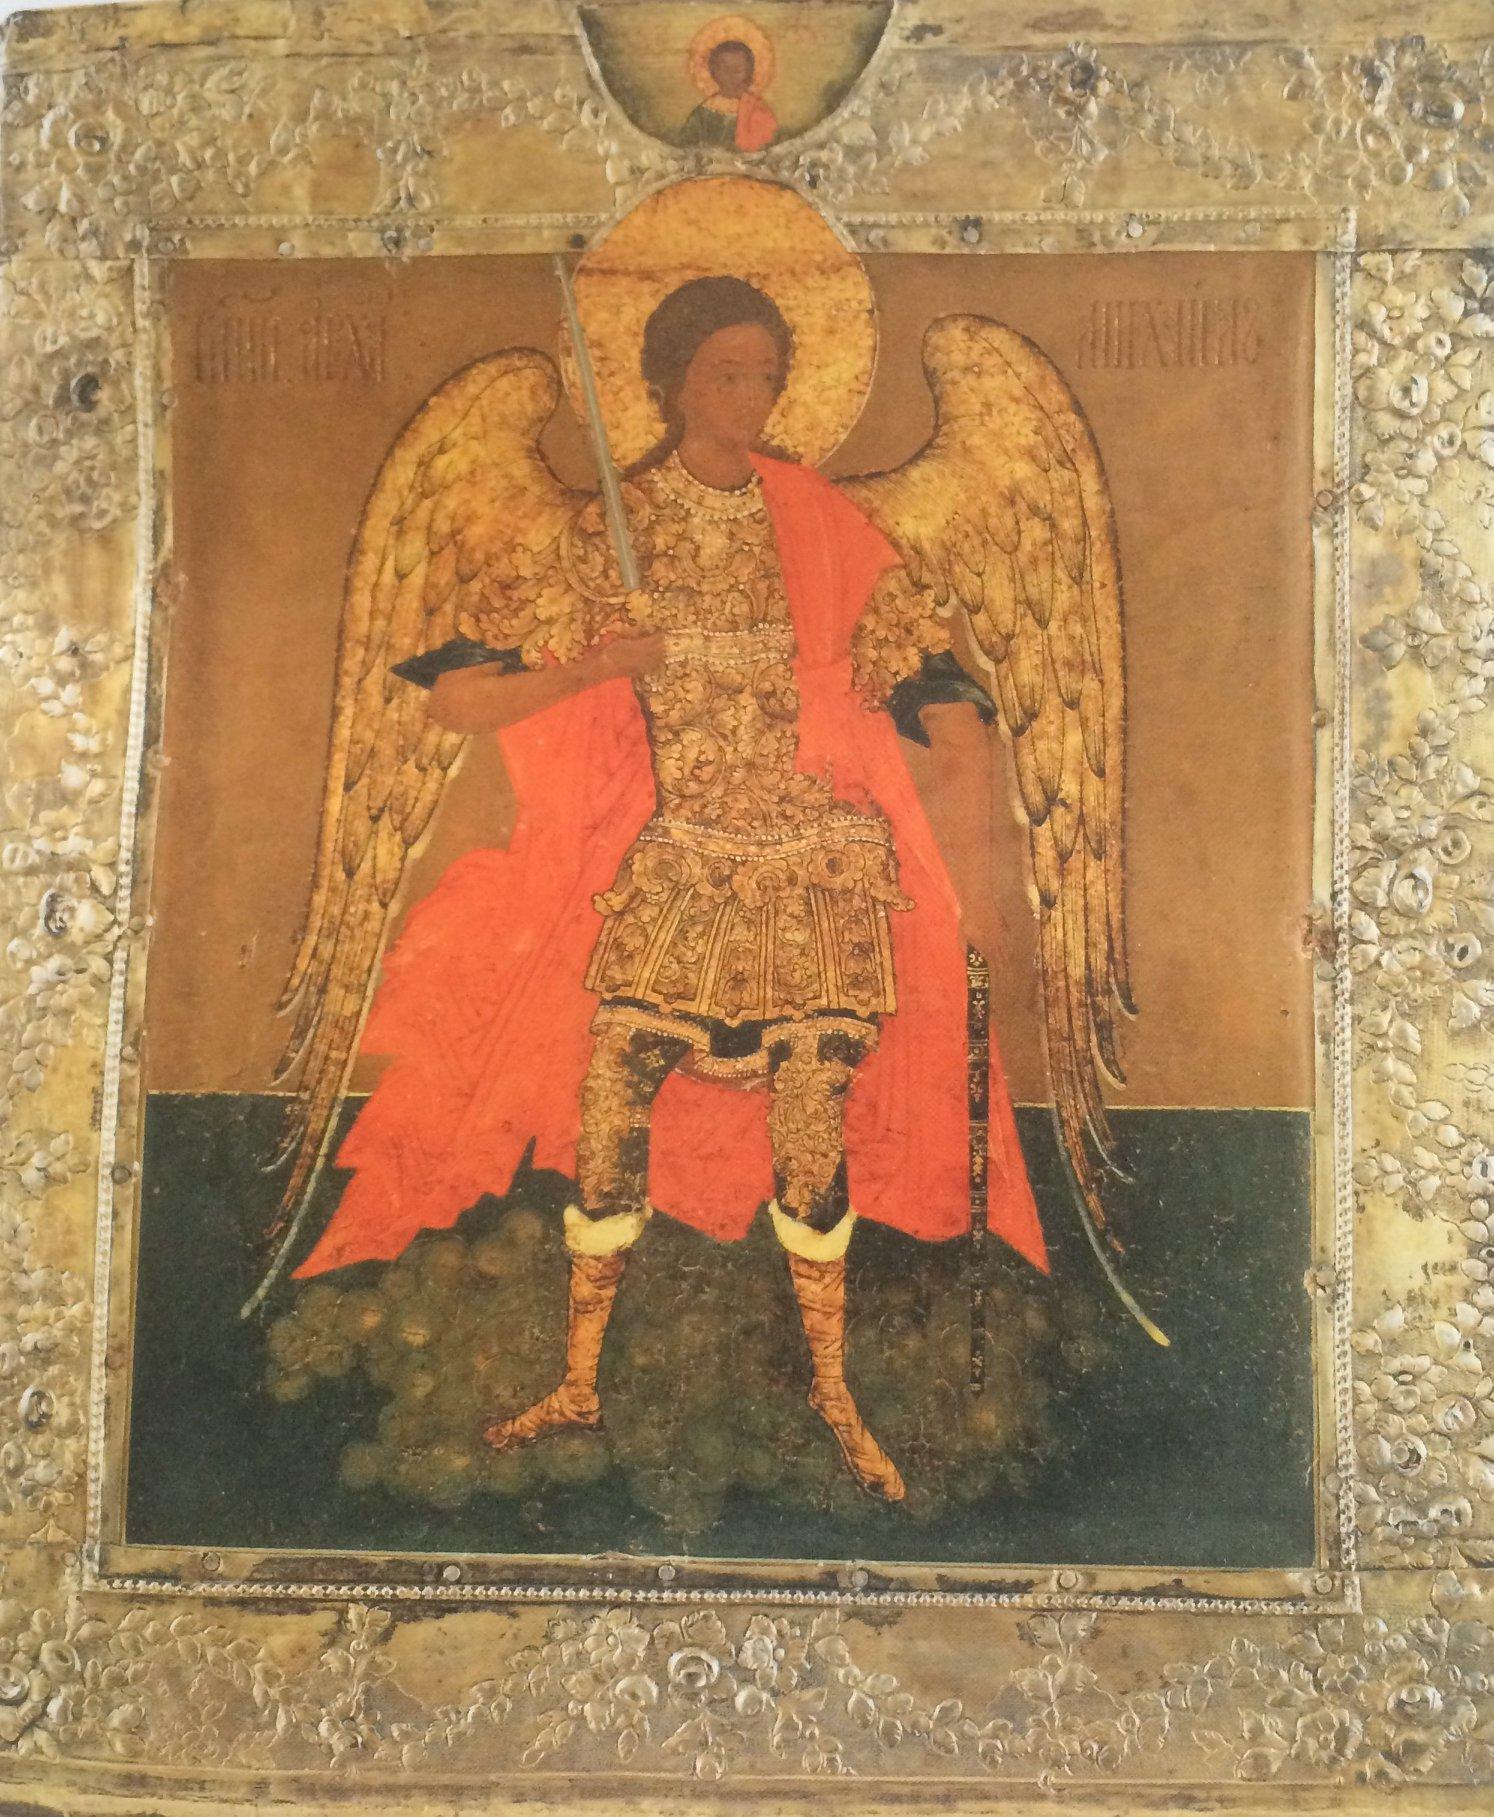 21 листопада – день Святого Архистратига Михаїла -  - 126199041 3466261010156214 7006014560097250140 o